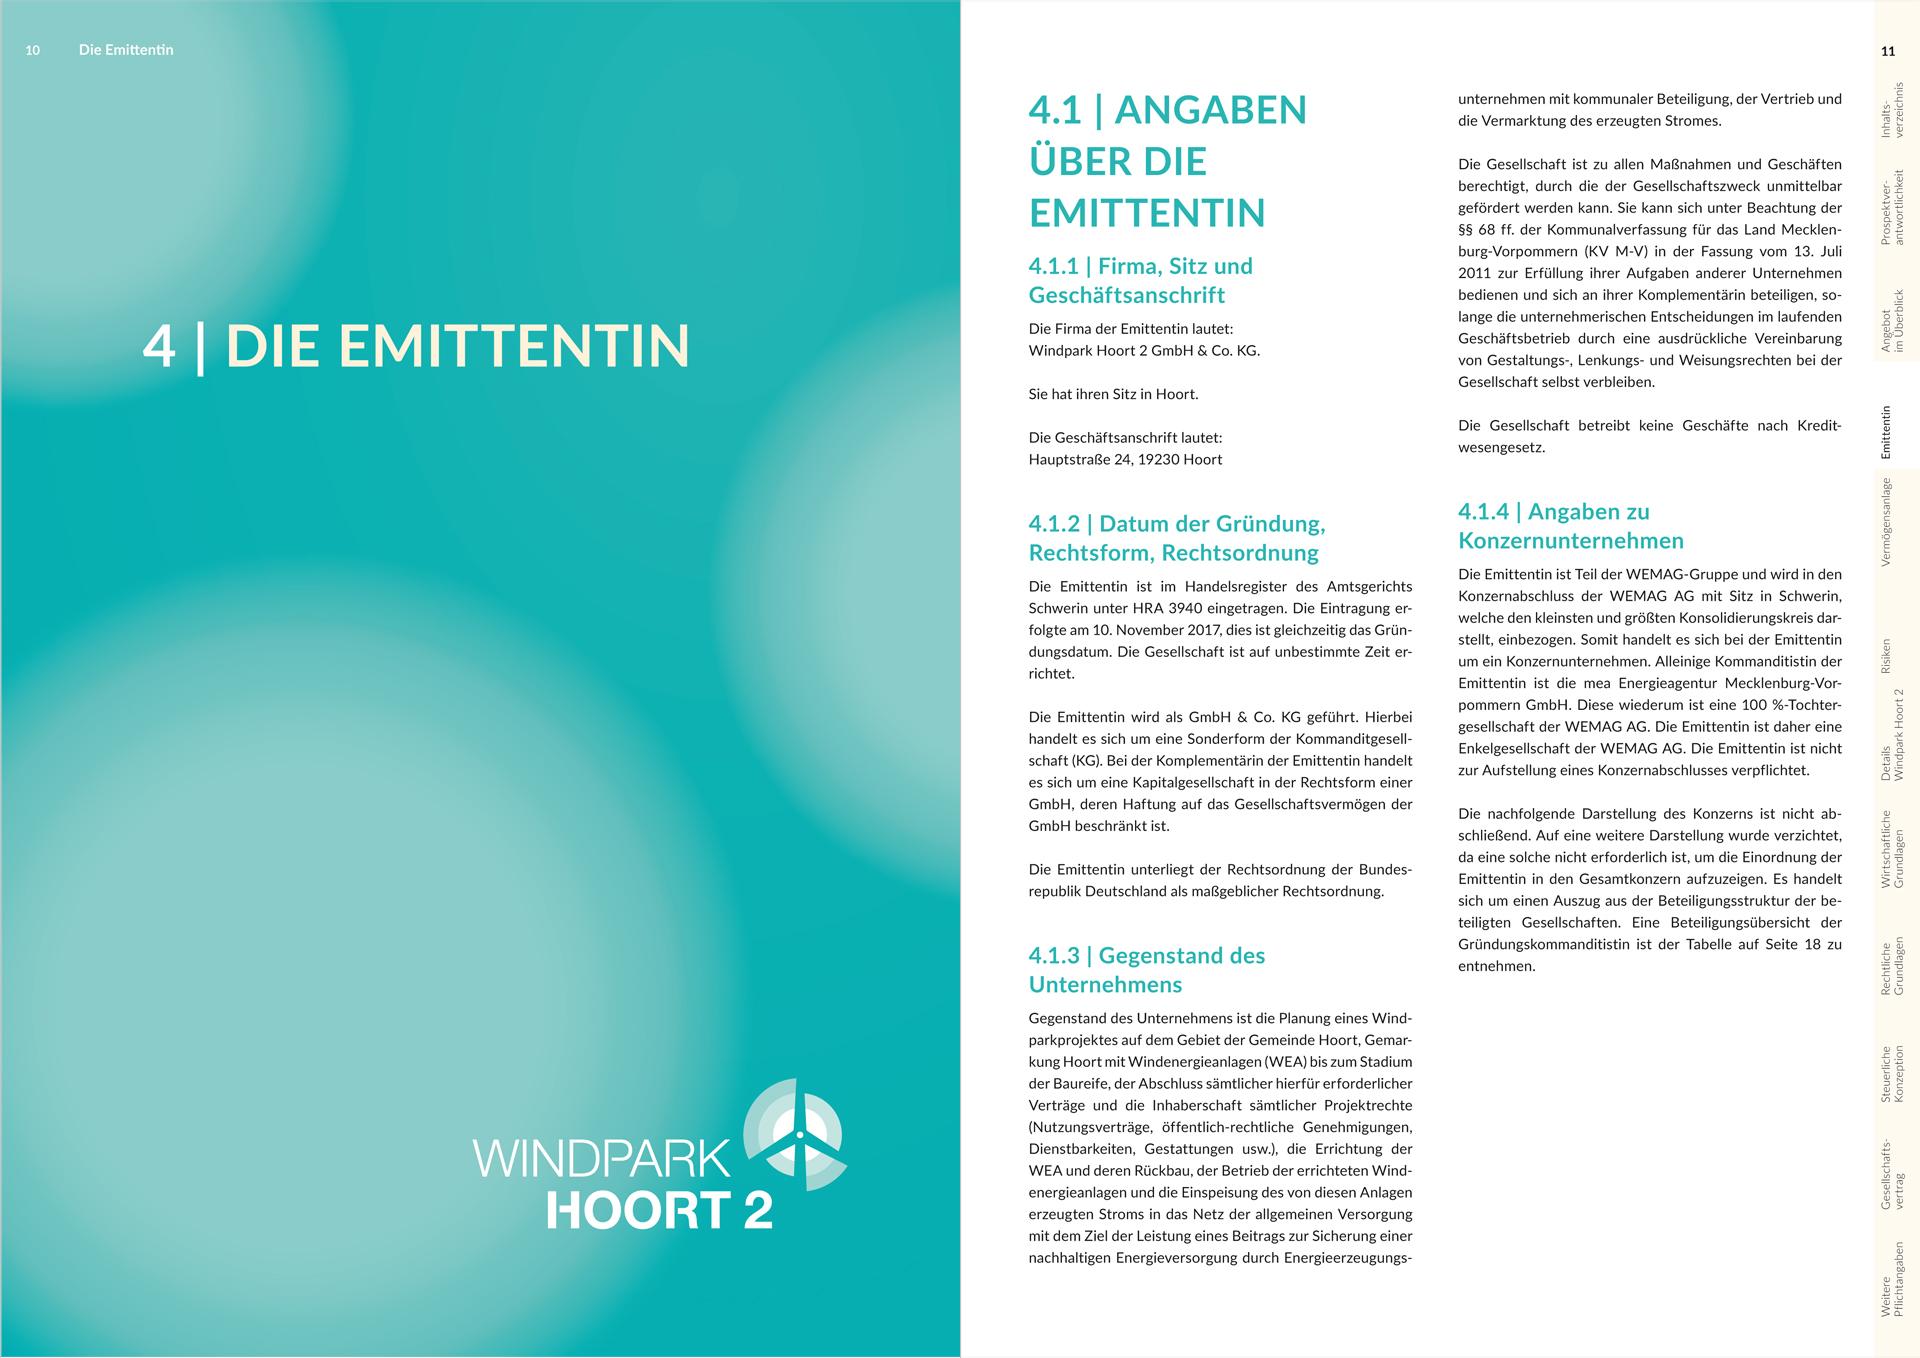 windpark hoort-verkaufsprospekt-grafik-1011